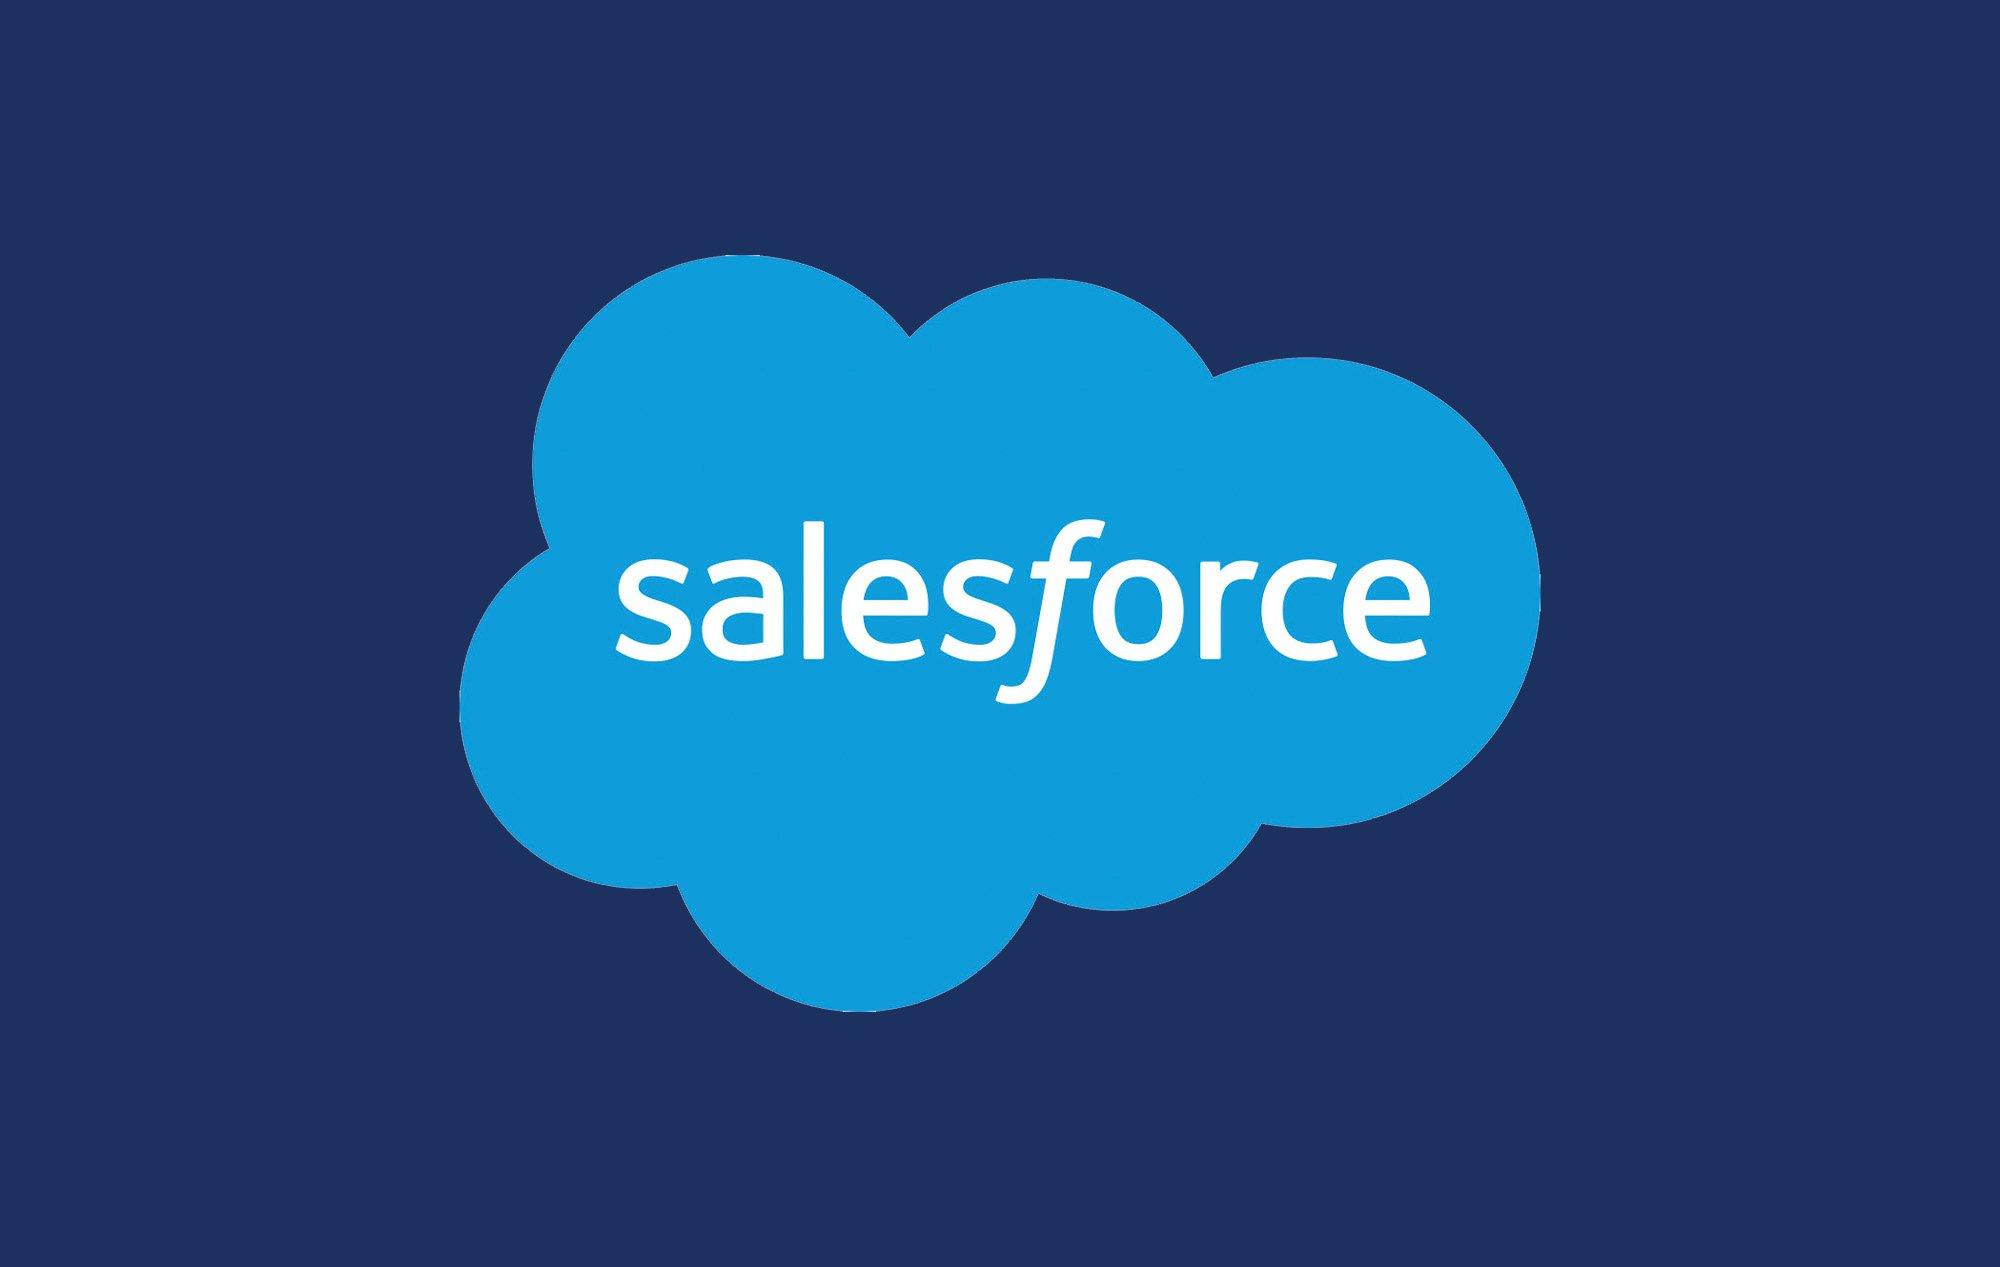 Light blue Salesforce logo on a royal blue background.